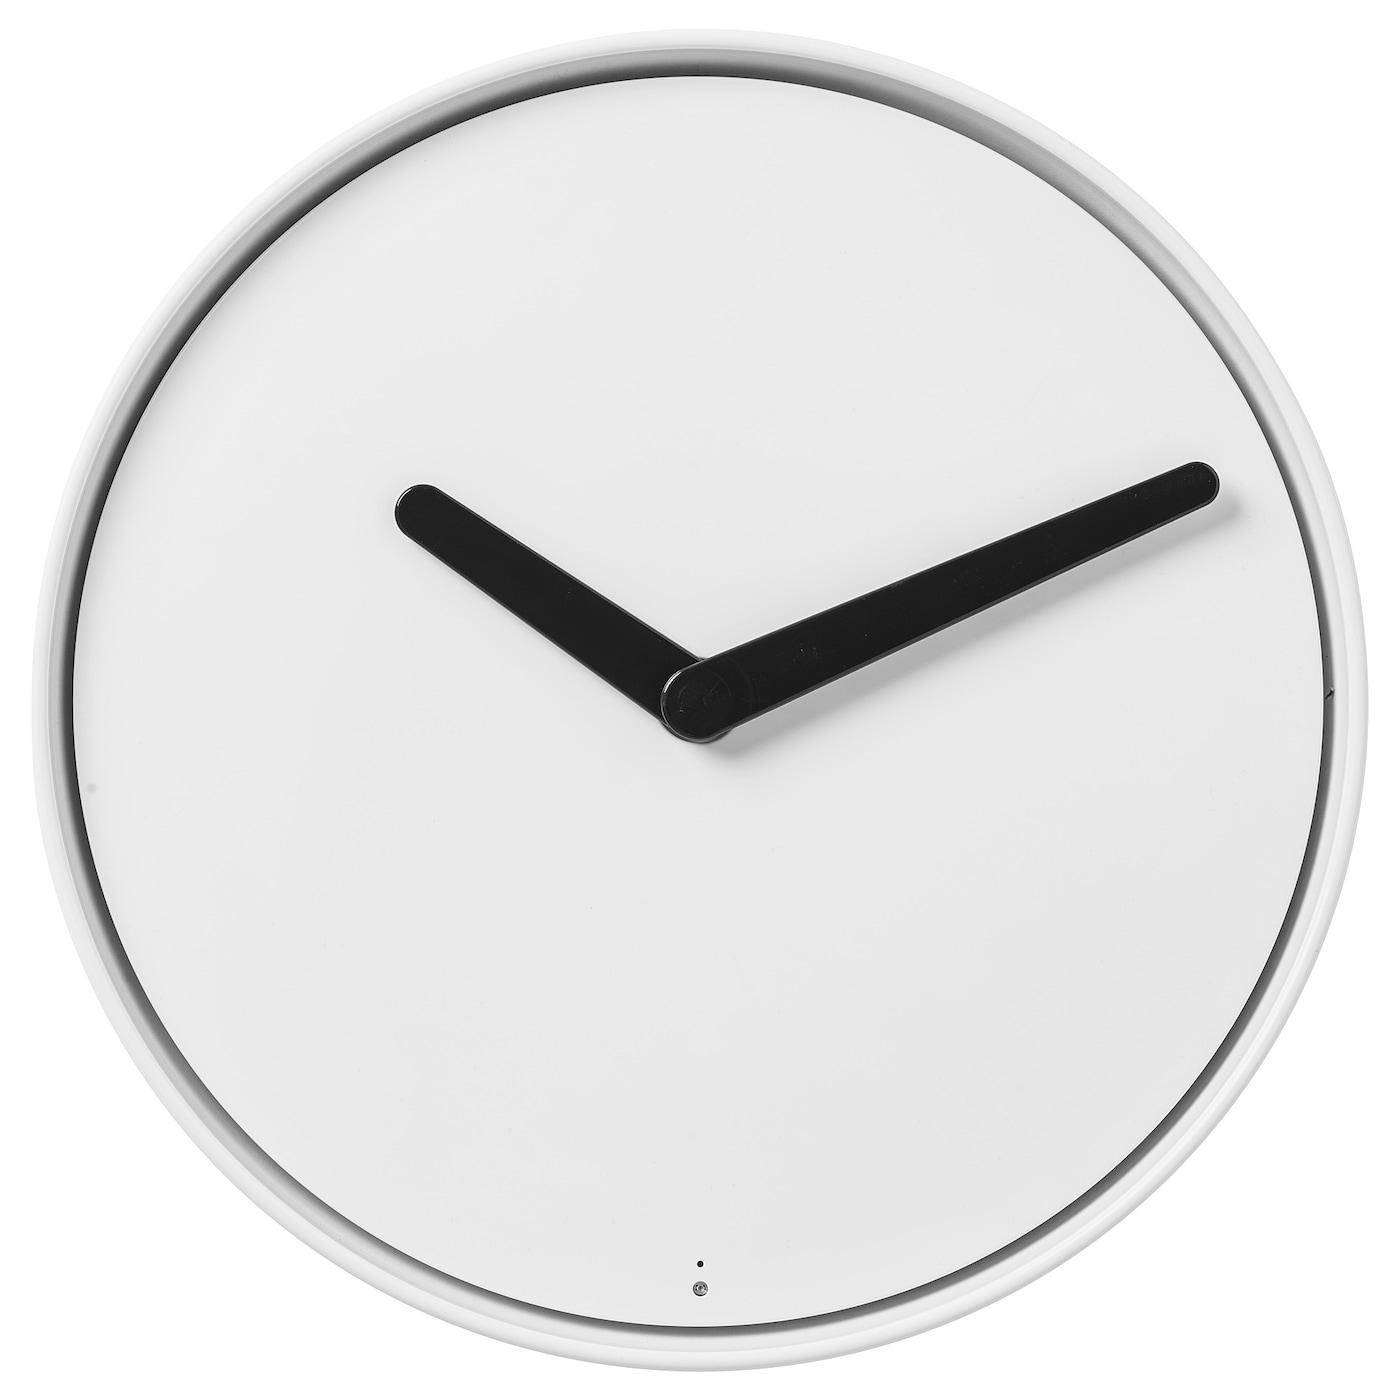 Настенные часы СТОЛПА артикуль № 604.003.83 в наличии. Интернет магазин IKEA Республика Беларусь. Недорогая доставка и установка.